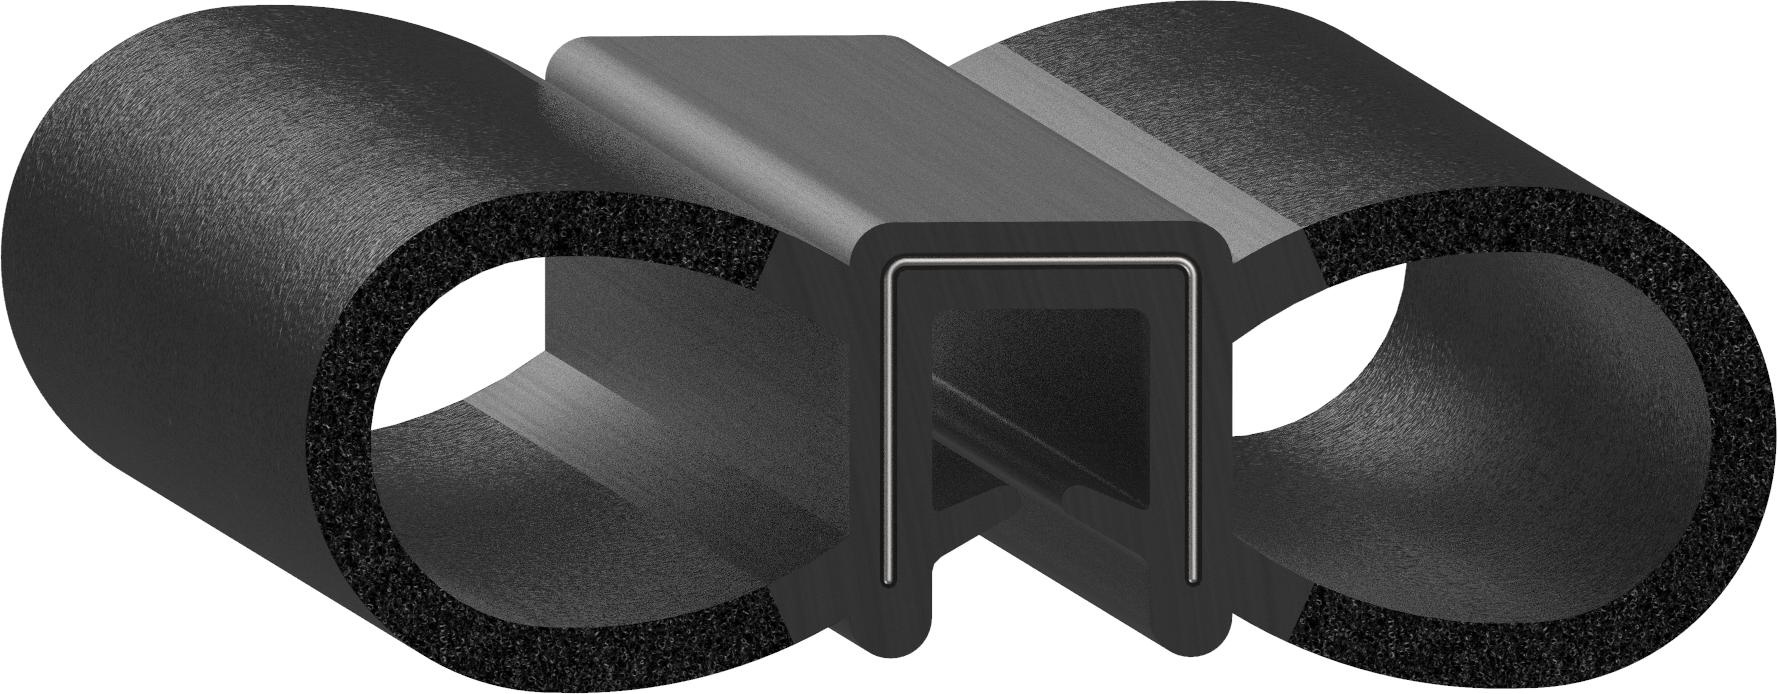 Uni-Grip part: DU-027